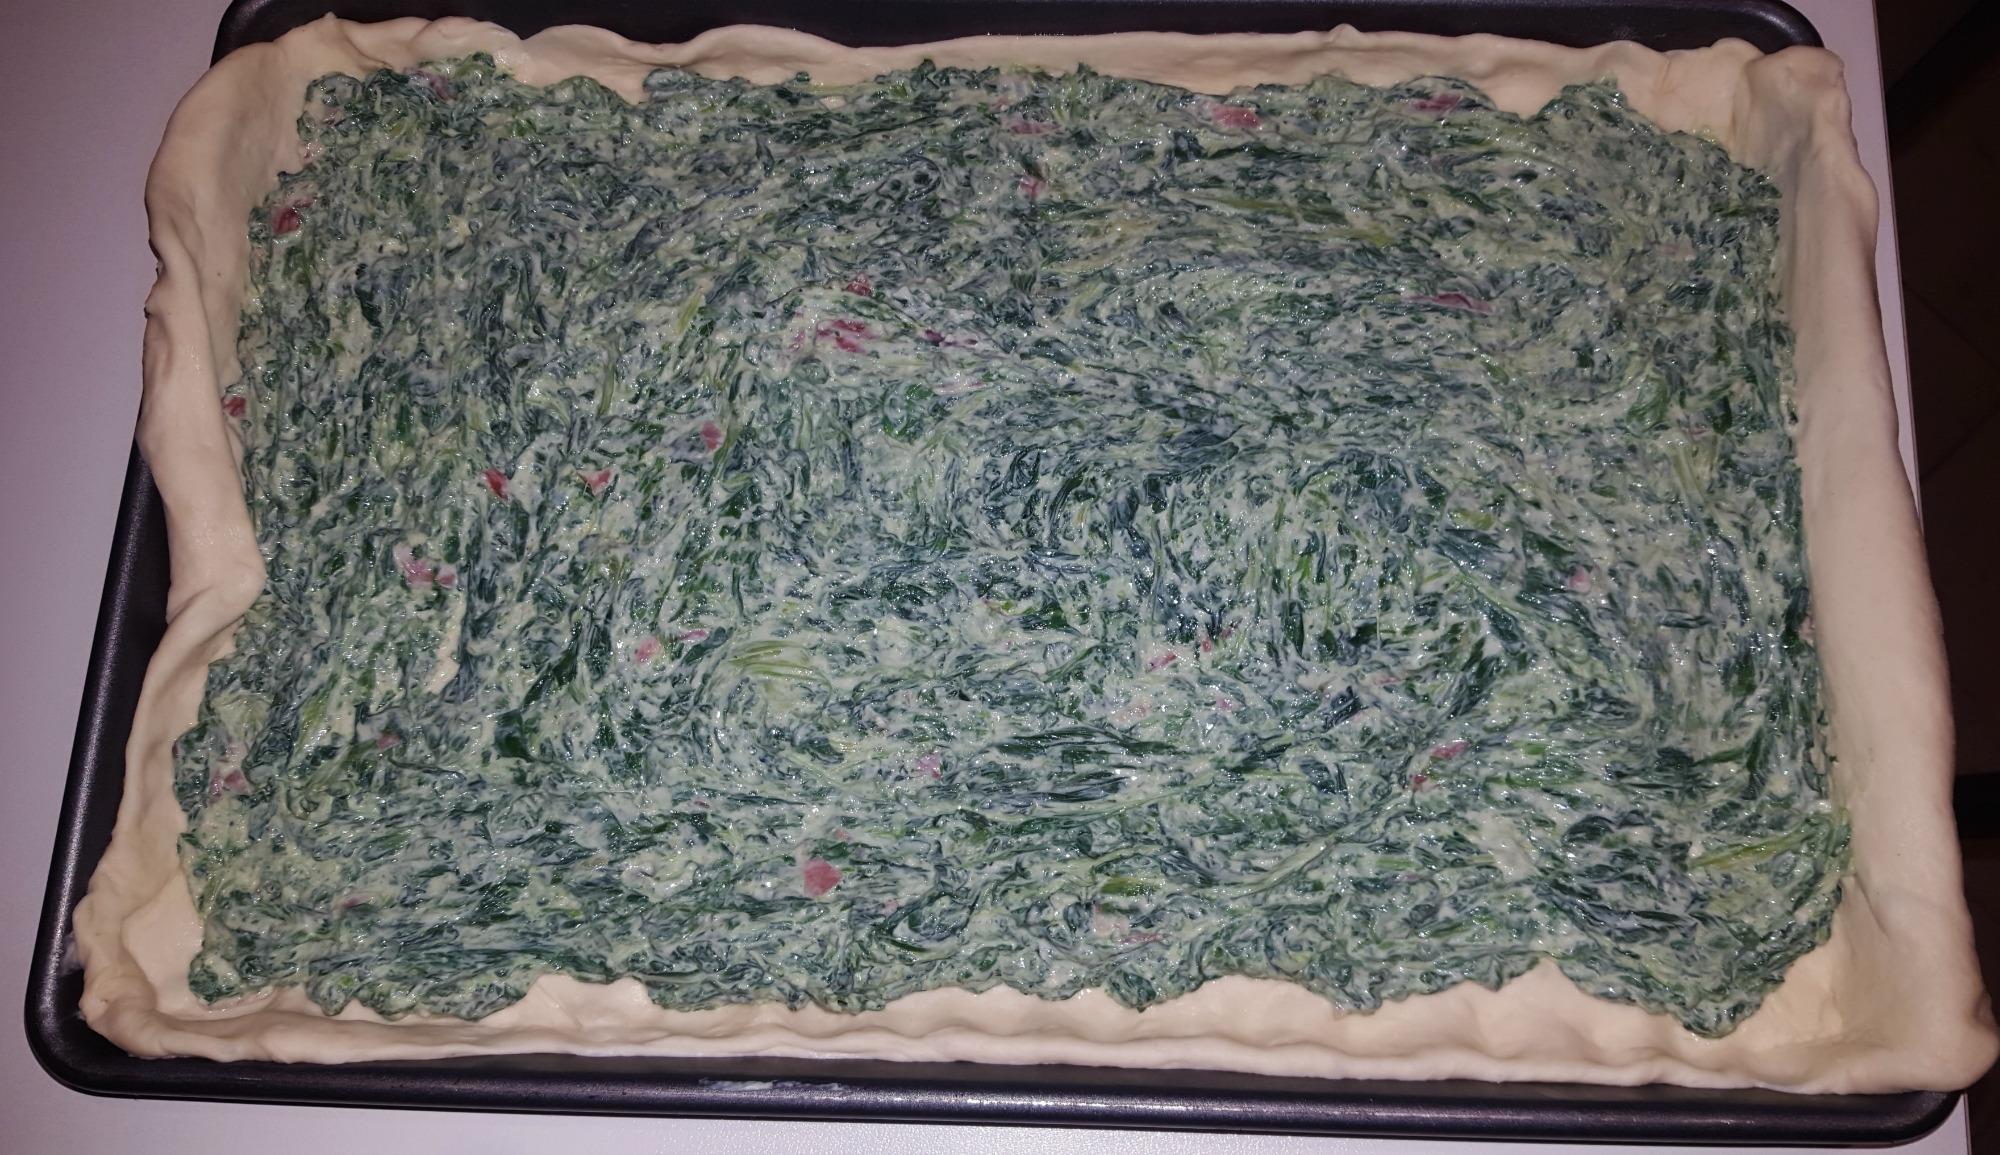 rustico agli spinaci 1